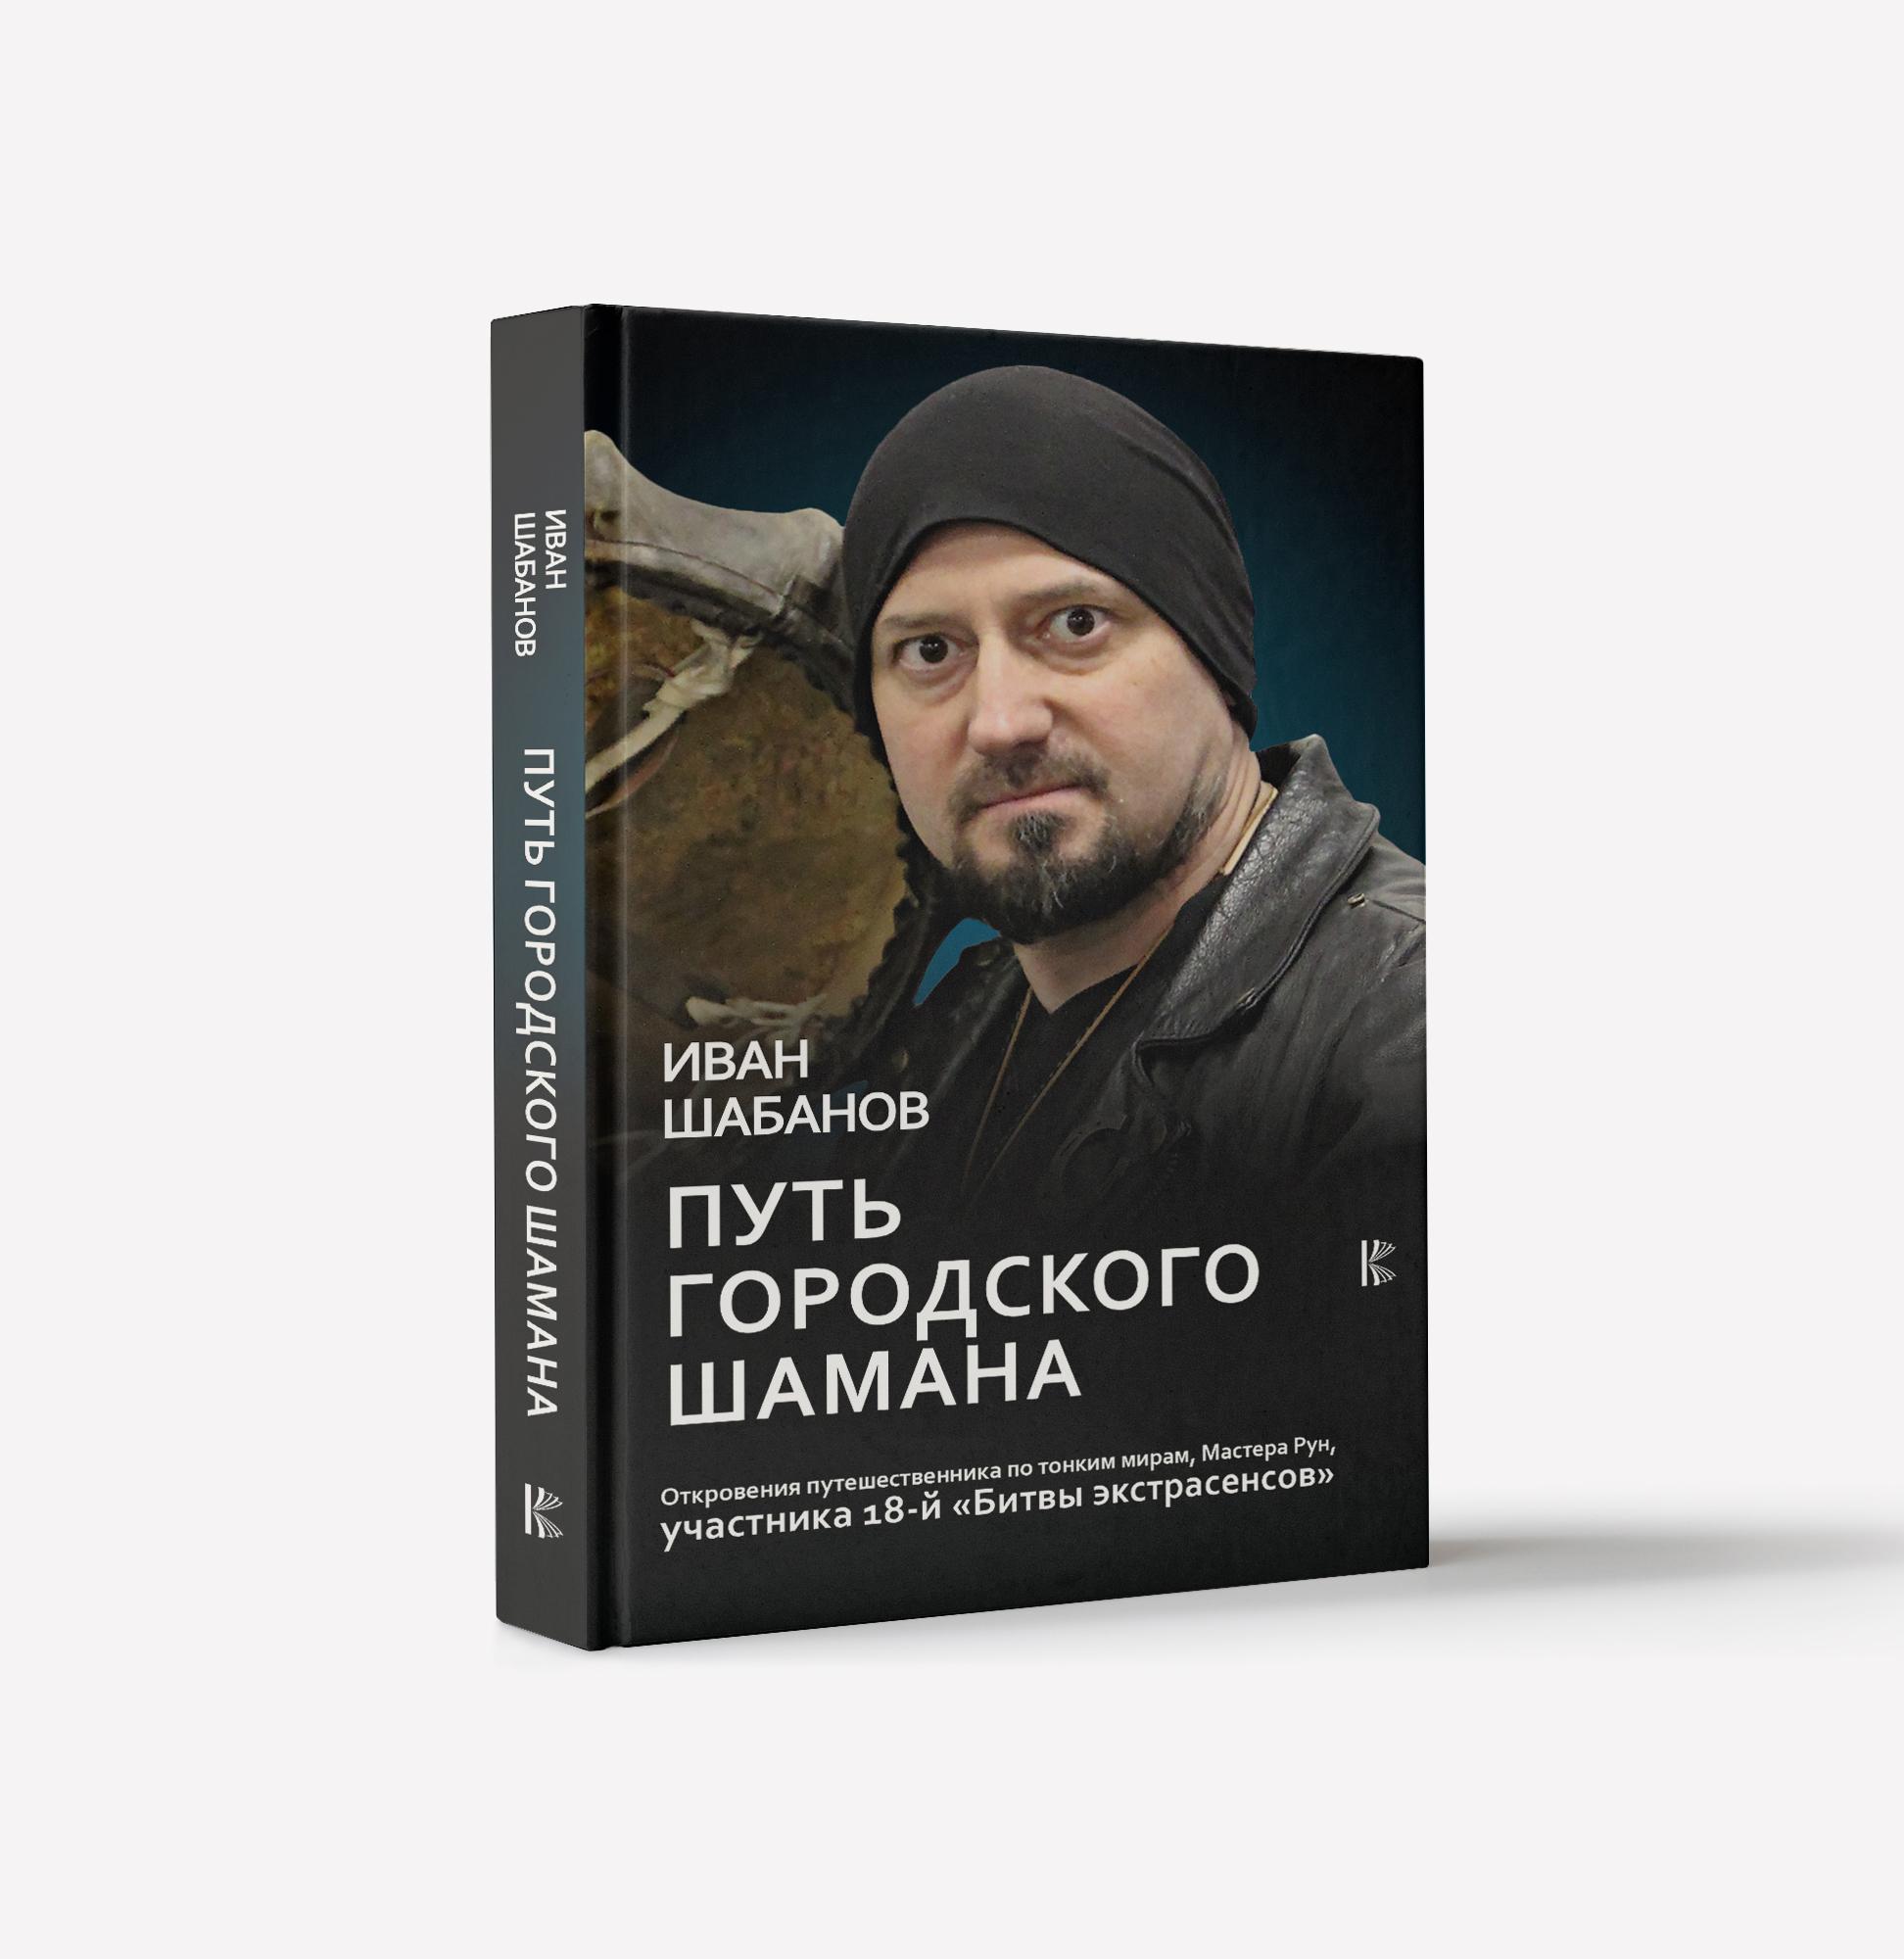 Иван Шабанов. Путь городского шамана